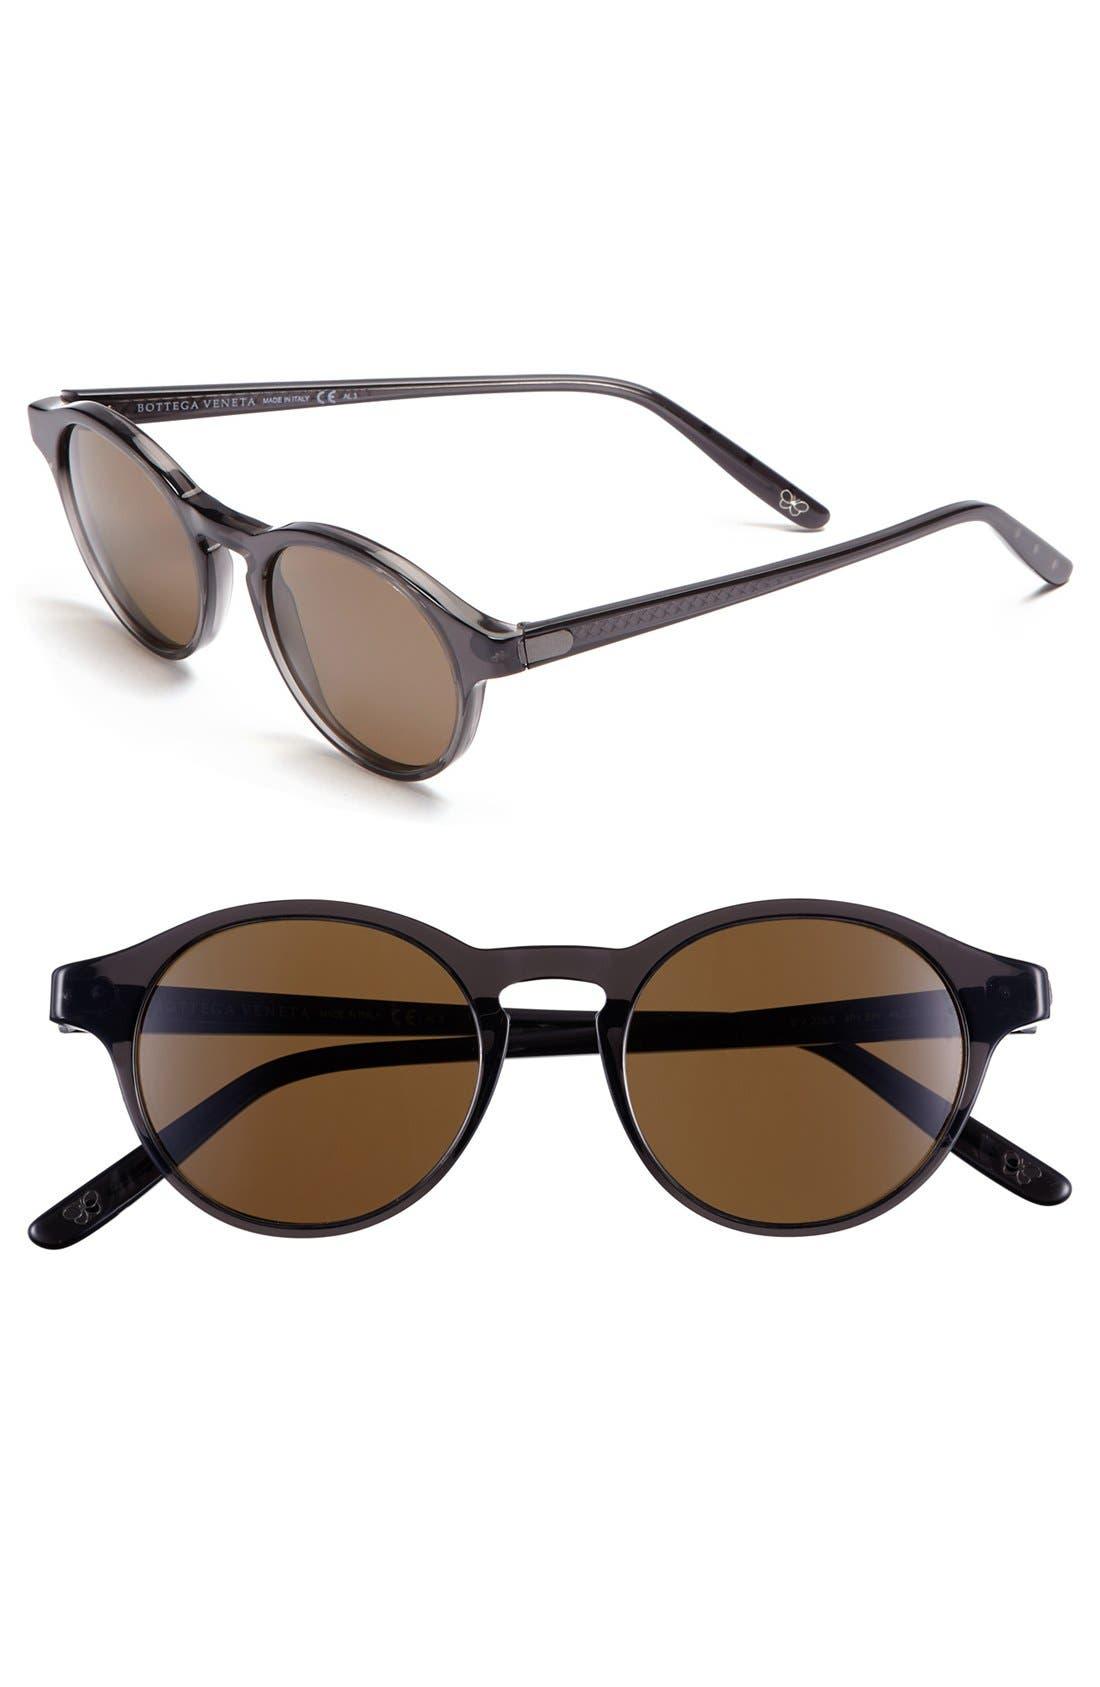 Main Image - Bottega Veneta 49mm Retro Sunglasses